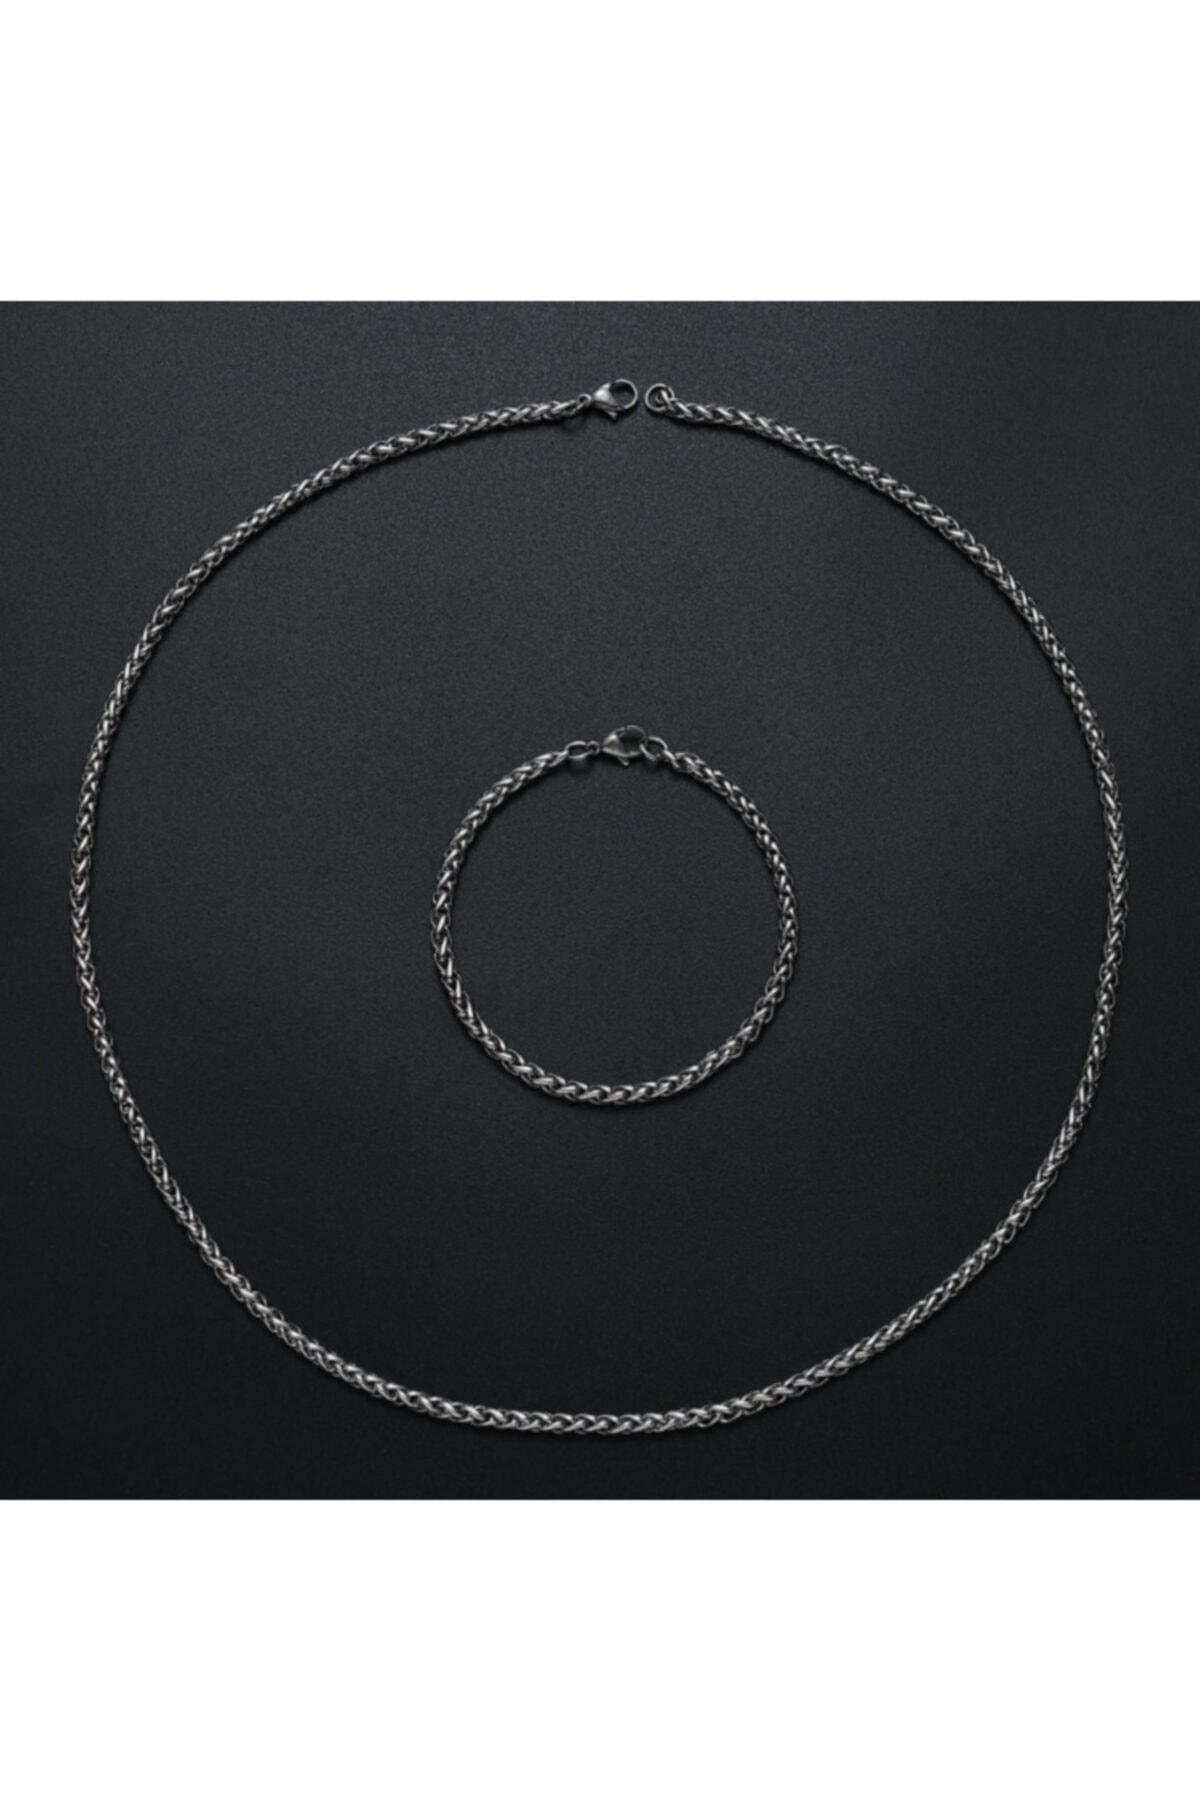 MedBlack Jewelry Unisex Gümüş Kaplama Sarmal Kılçık Kolye Bileklik 2'li Set 2